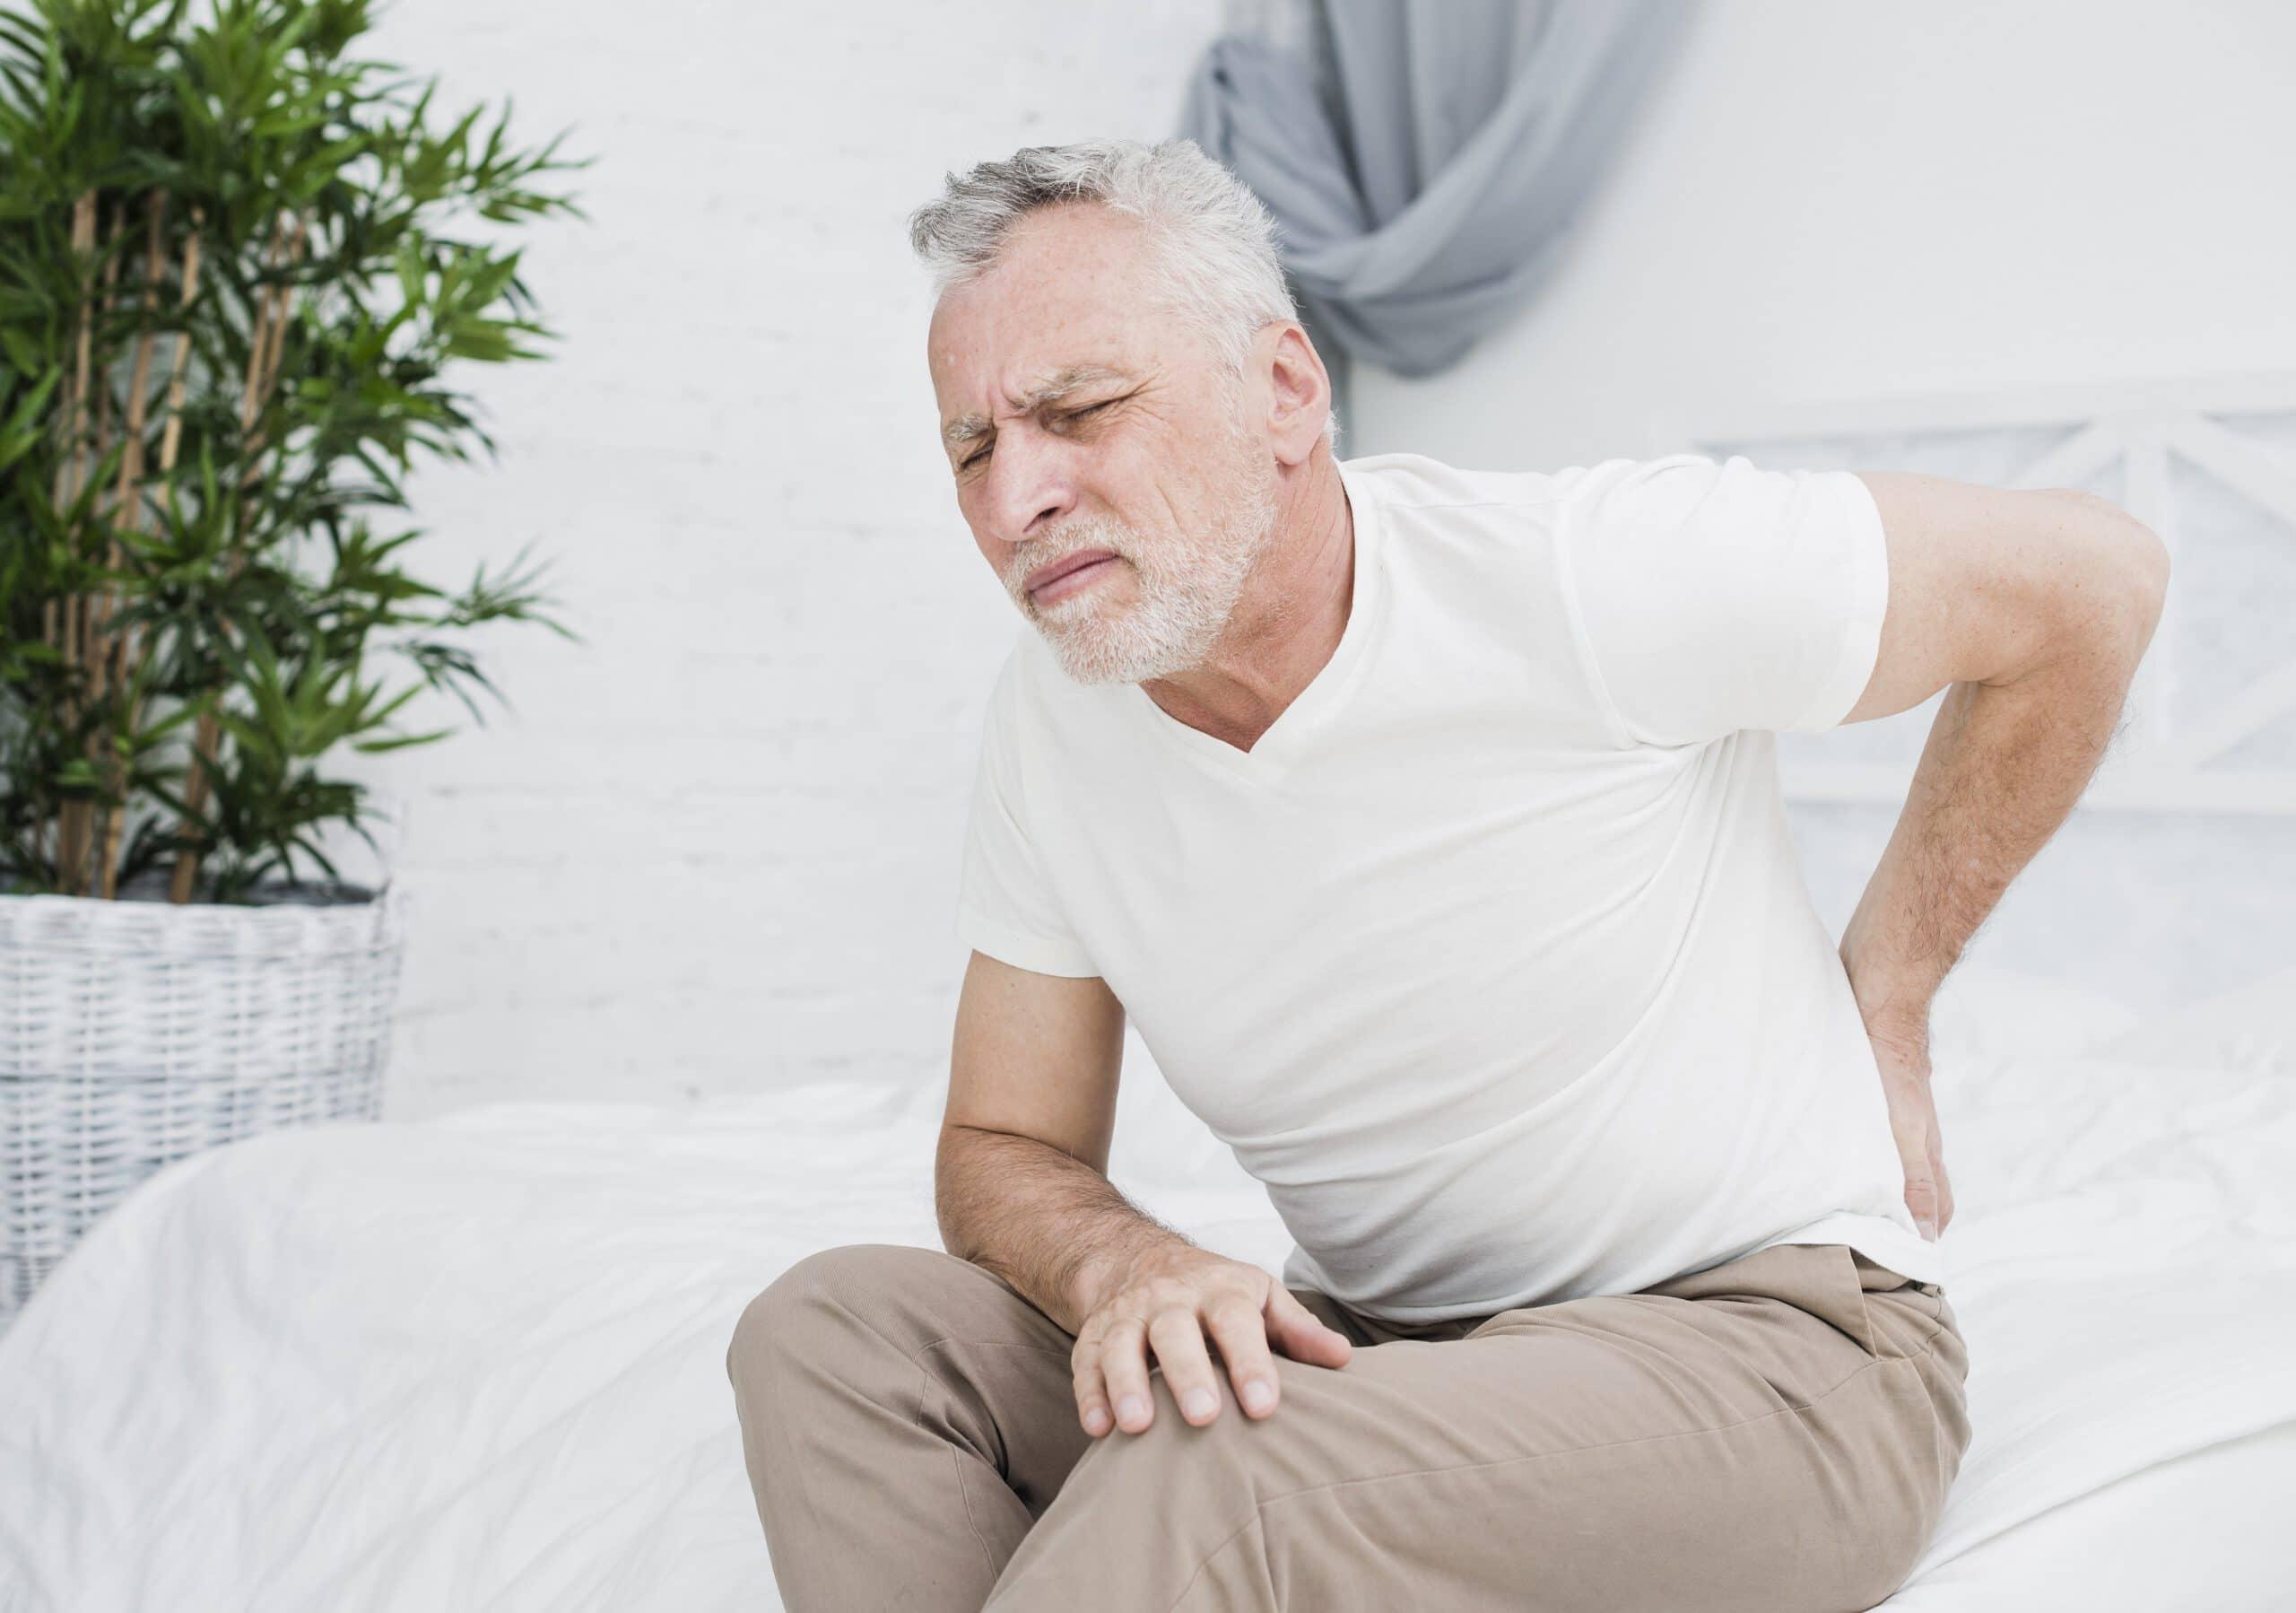 Ból kości ogonowej – przyczyny, objawy, formy leczenia